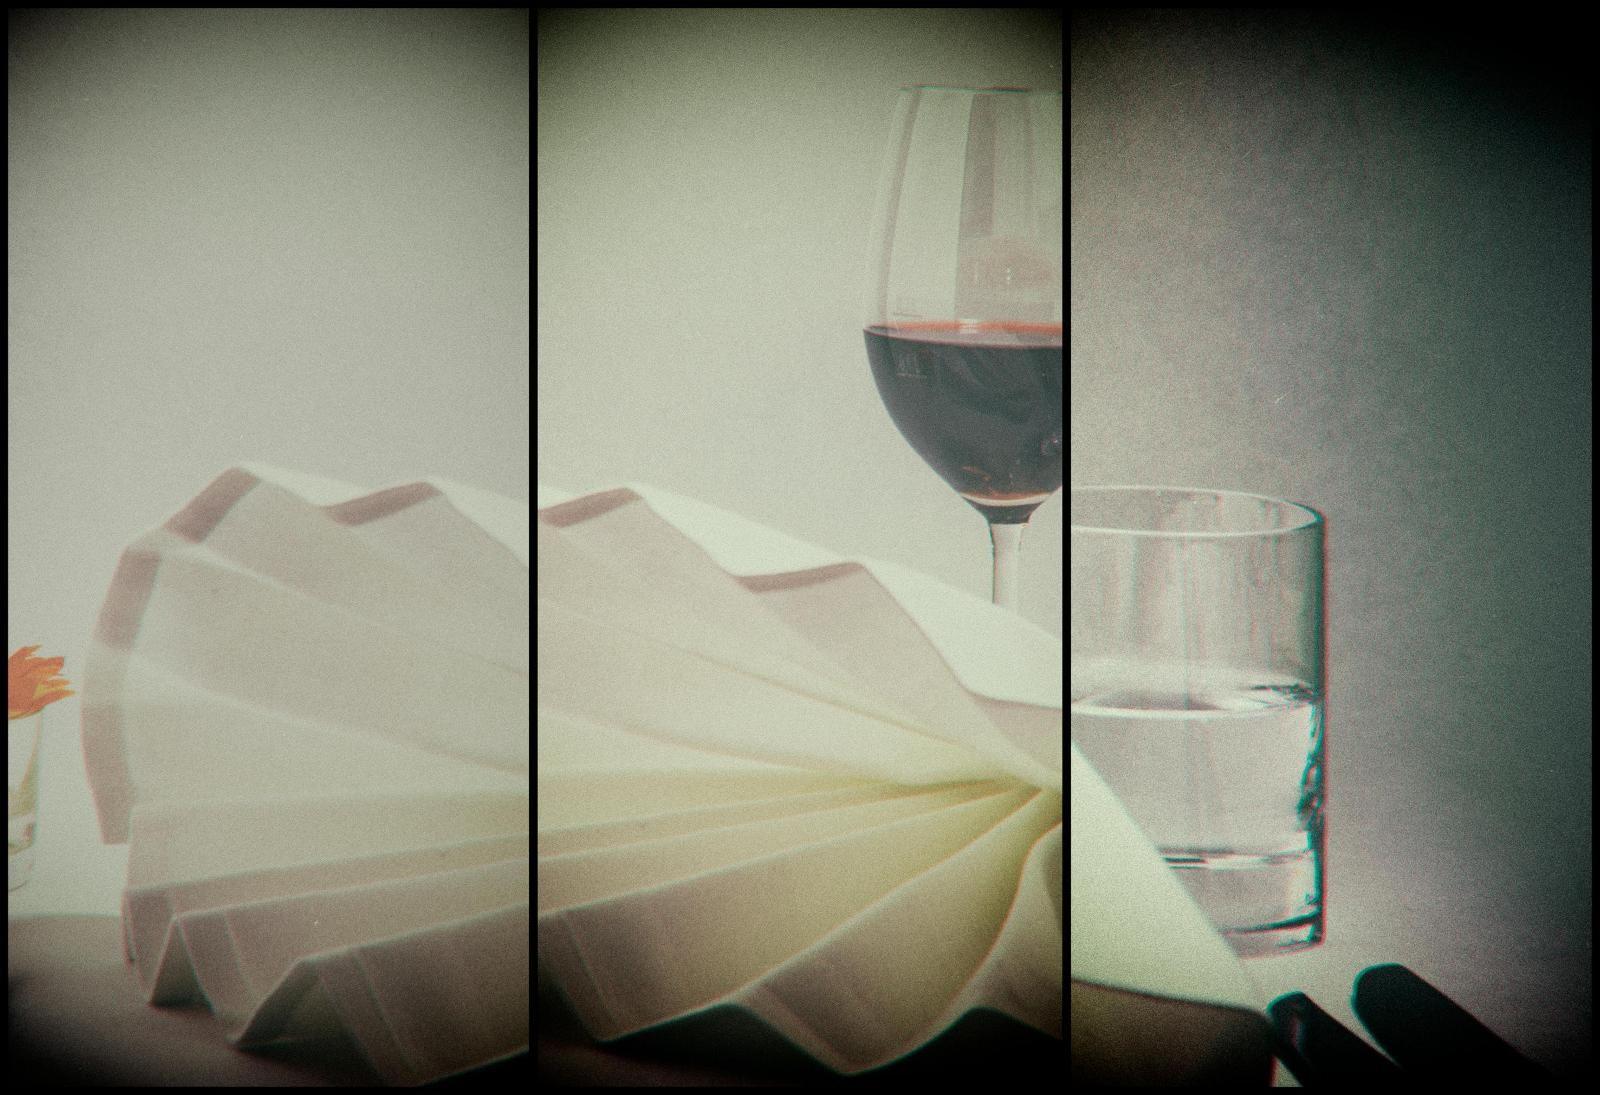 Lust auf italienische feine Kueche, dann komm zu uns.    Cupido - italienisches Feinschmecker Restaurant in Muenchen   www.r-cupido.de #Cupido #Retaurant #Feinschmecker #Muenchen #Lehel #Italiener #italienisches #Pasta #Antipasti #Pizza #Italien #Businesslunch #PUSH2HIT